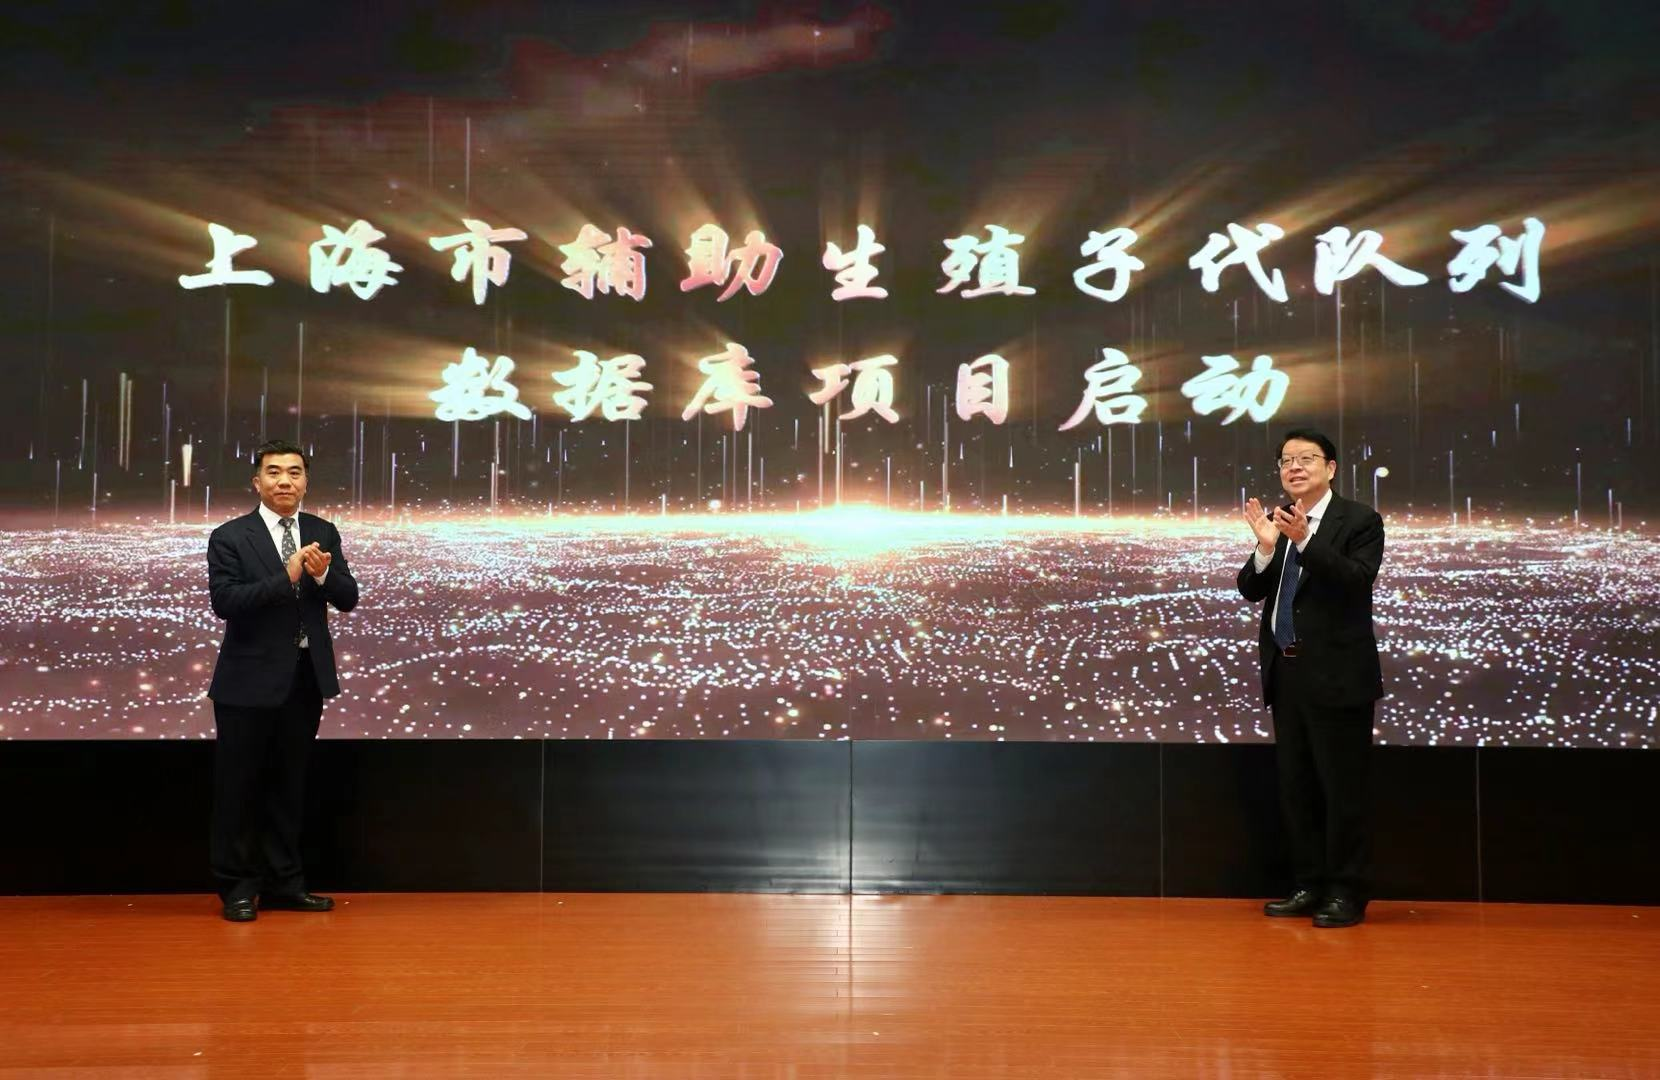 我国借辅助生殖技术出生人口占比十年增4倍,上海市辅助生殖子代队列数据库项目启动